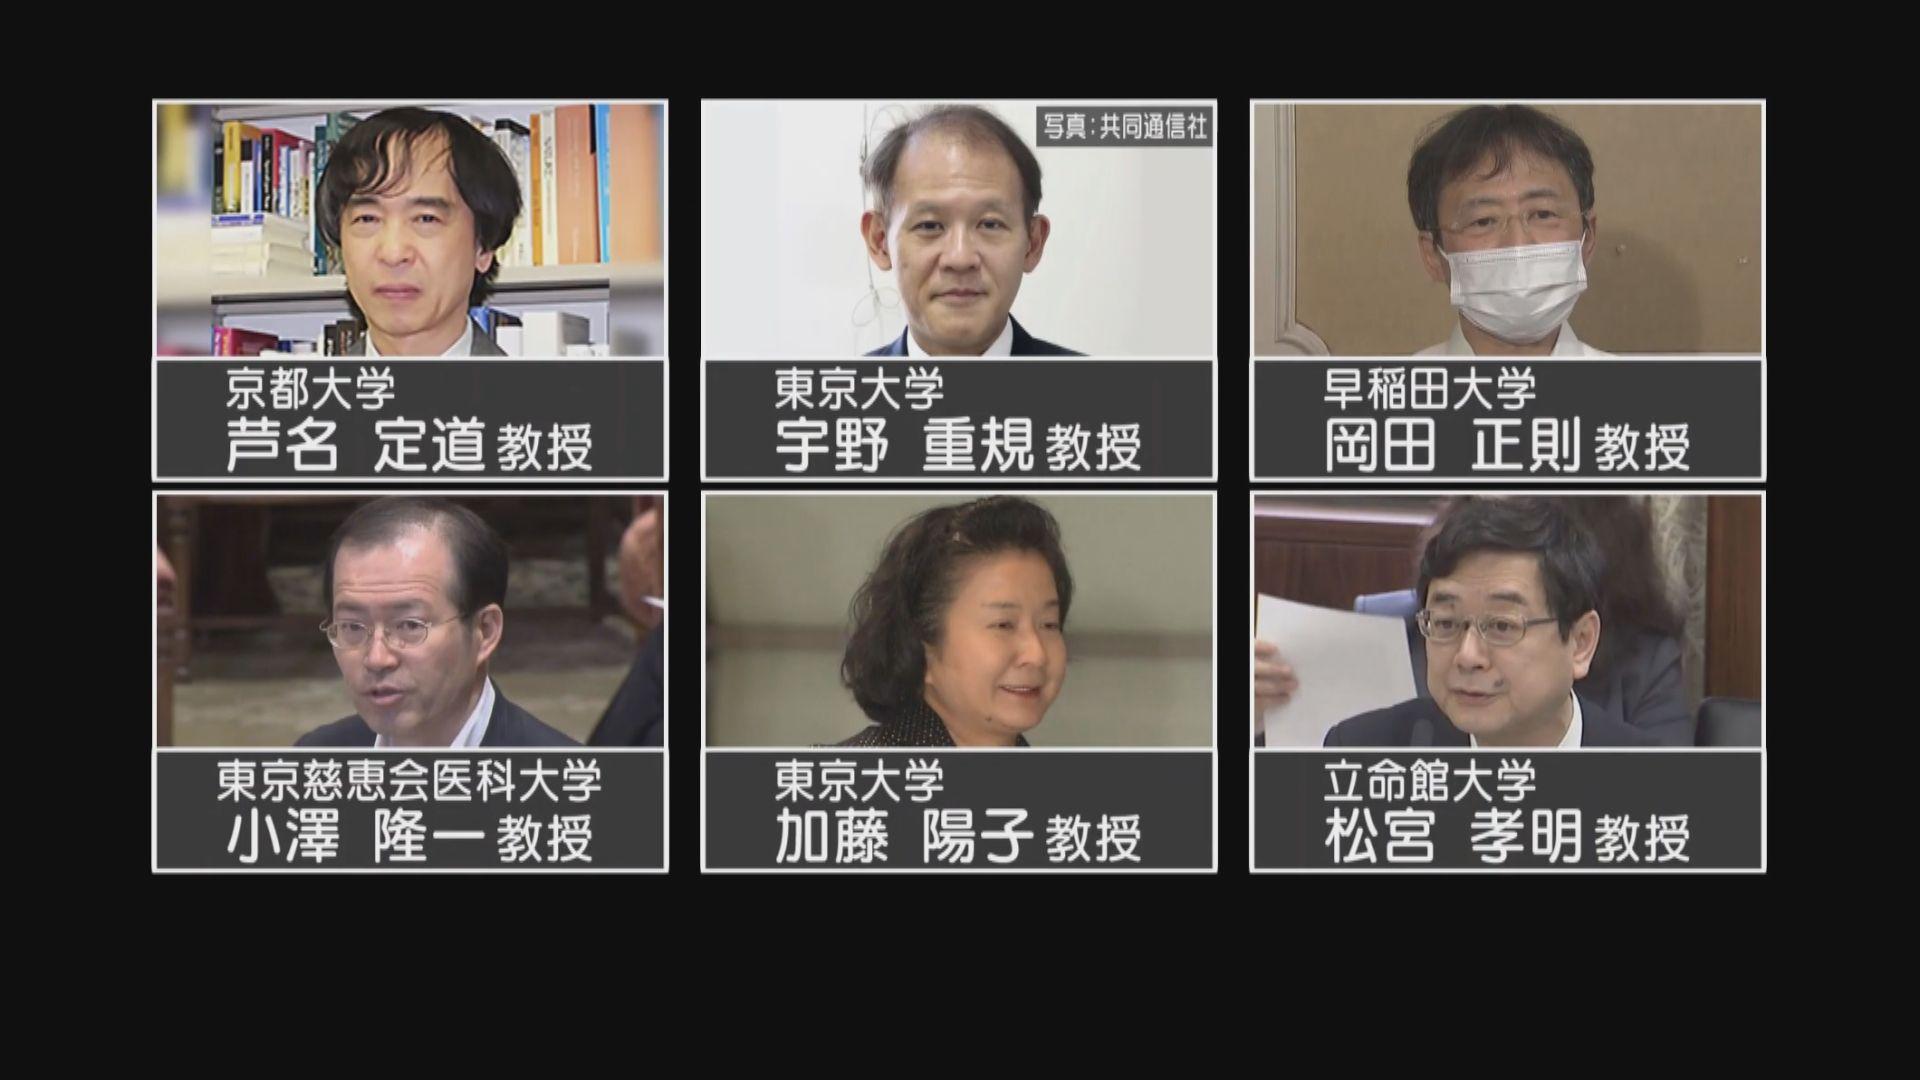 菅義偉拒絕任命六人擔任日本學術會議委員